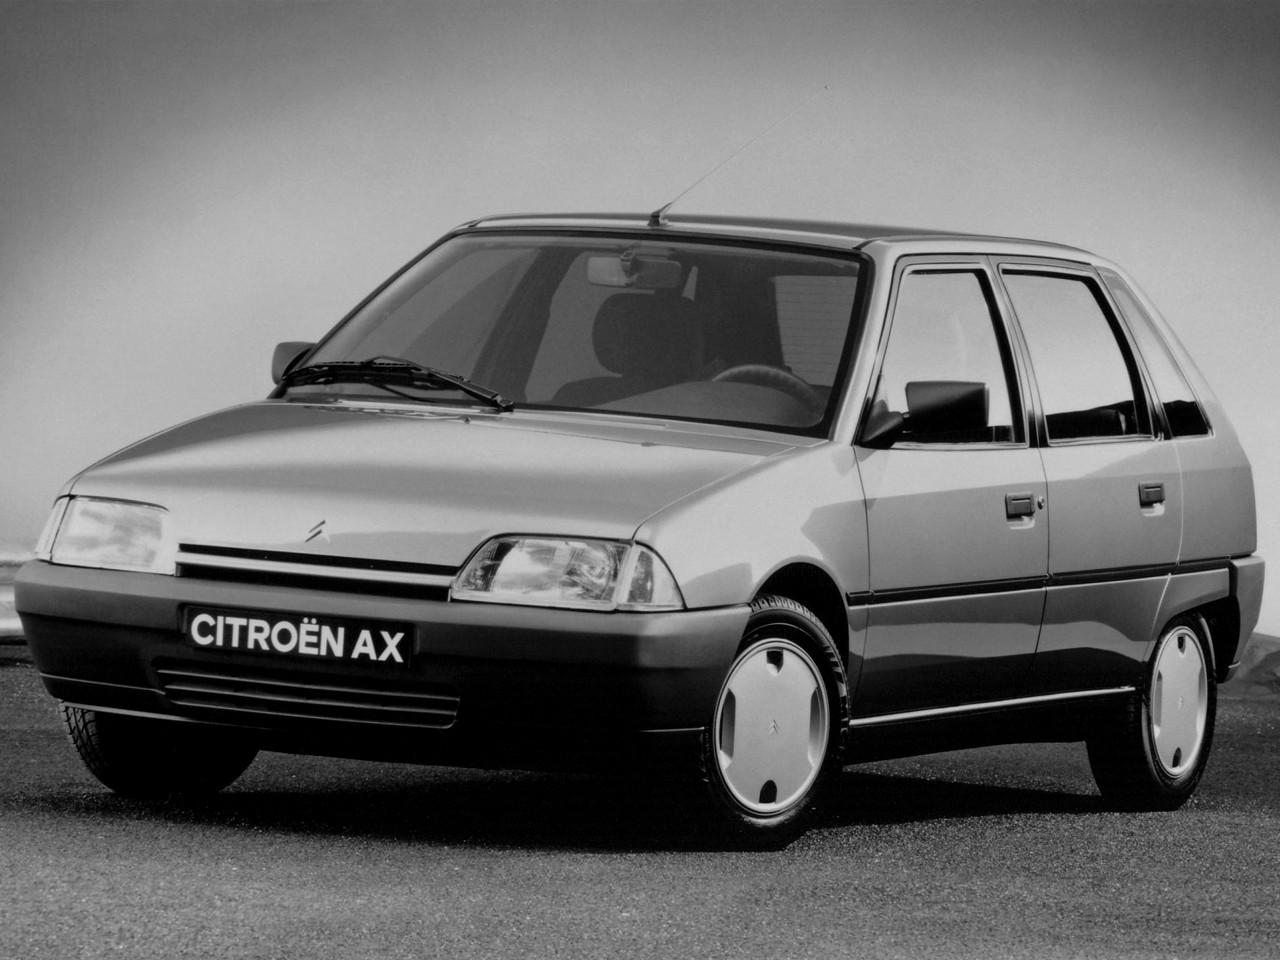 Citroen Ax 5 Doors Specs 1991 1992 1993 1994 1995